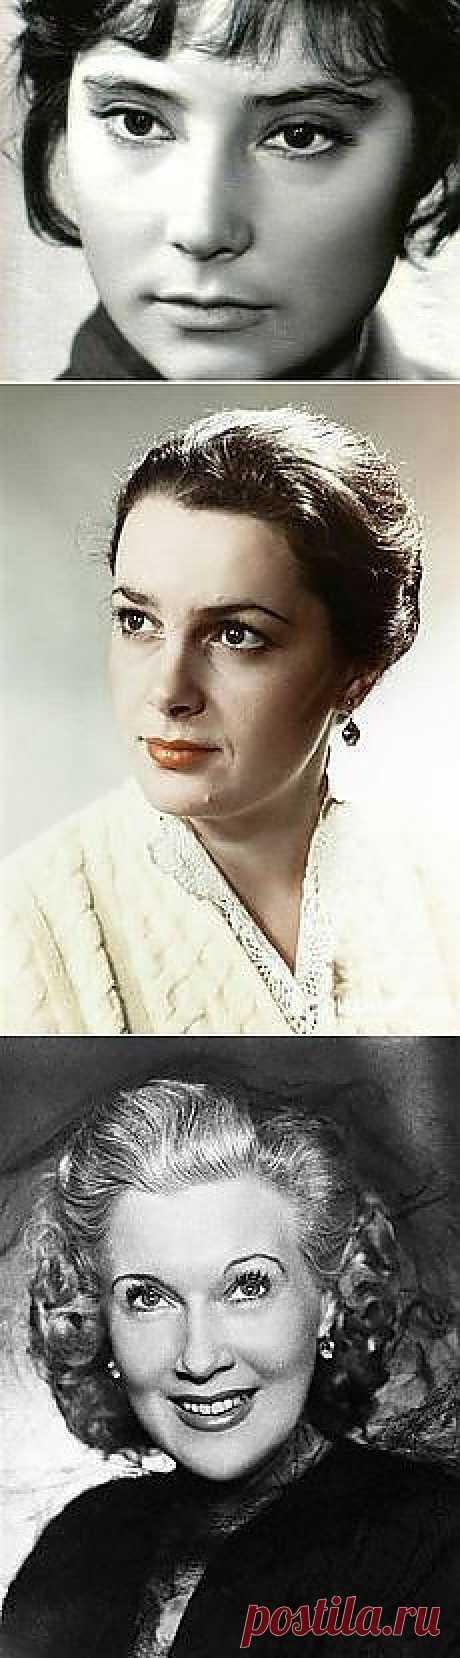 Наталья Угарова: Советский Экран | Постила.ru